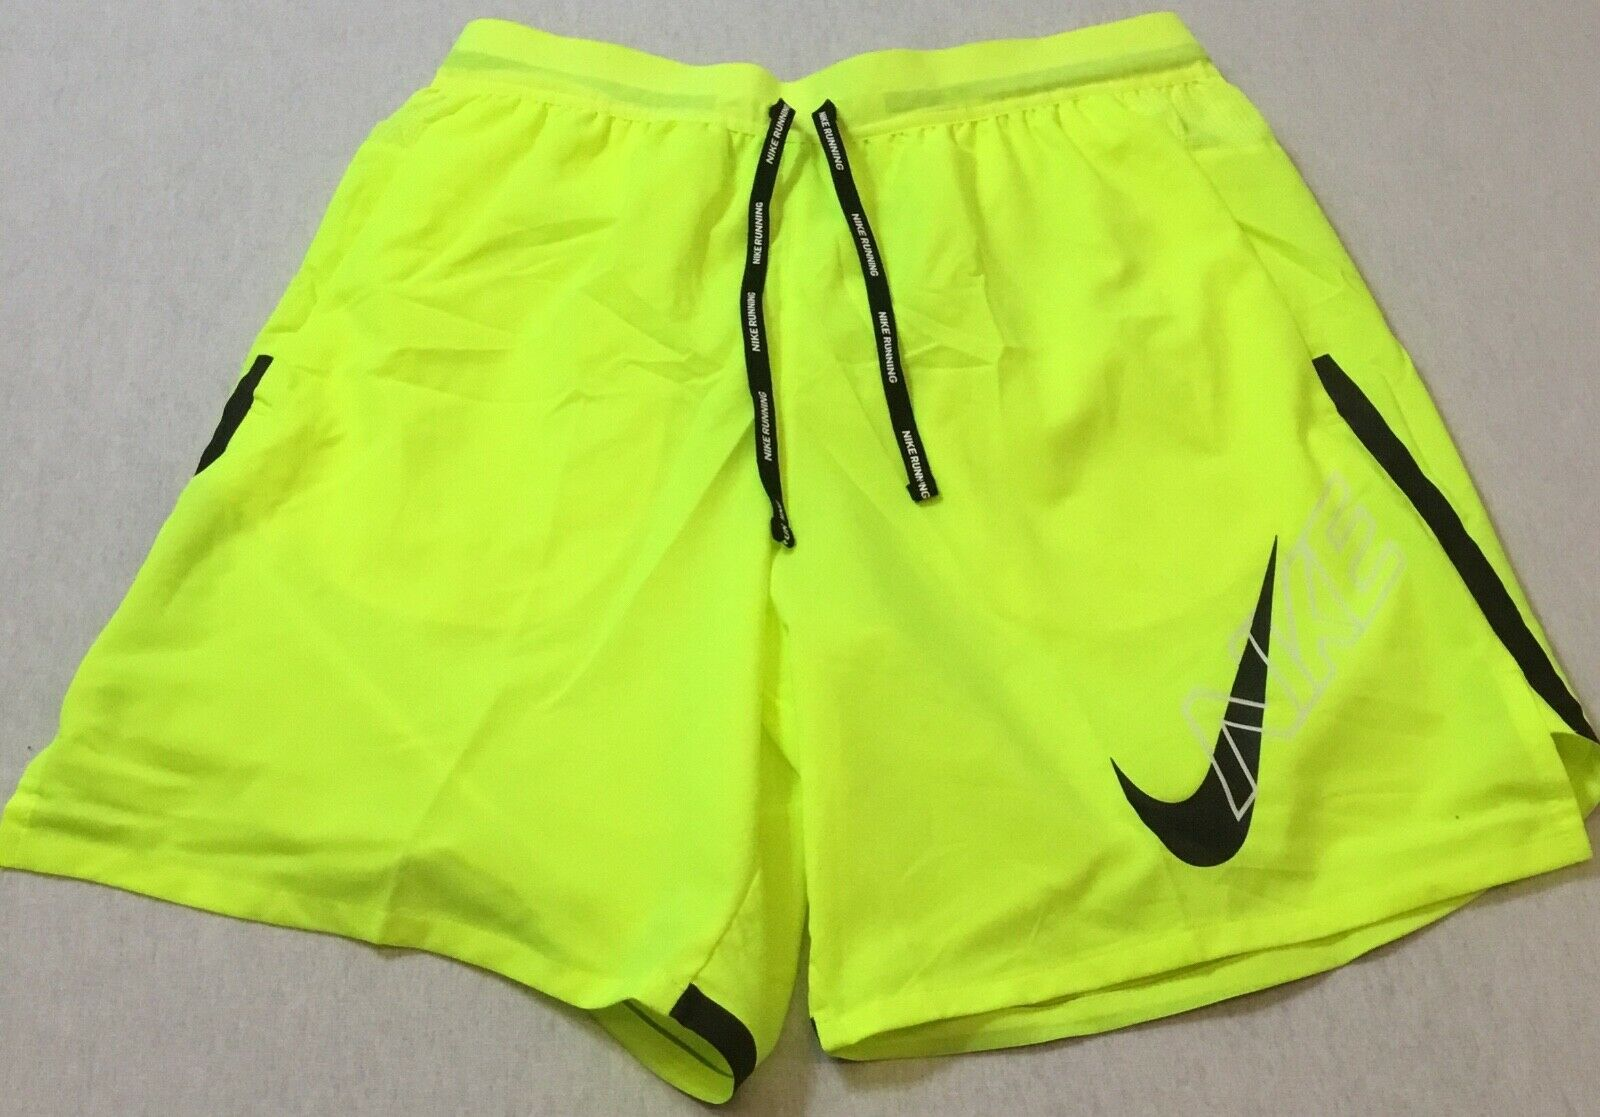 5 nike running shorts